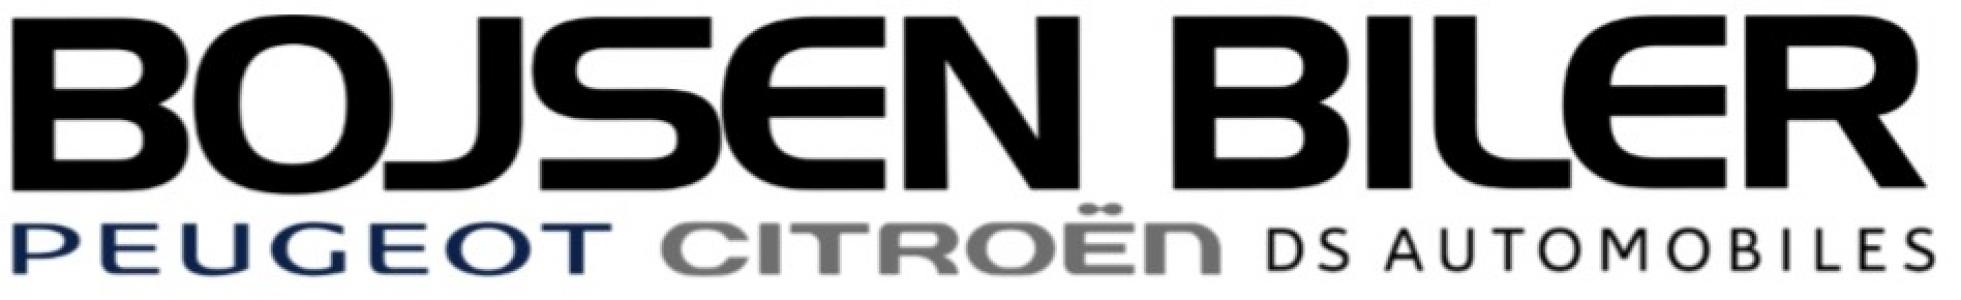 Bojsen Biler A/S - Peugeot, Citroën, DS